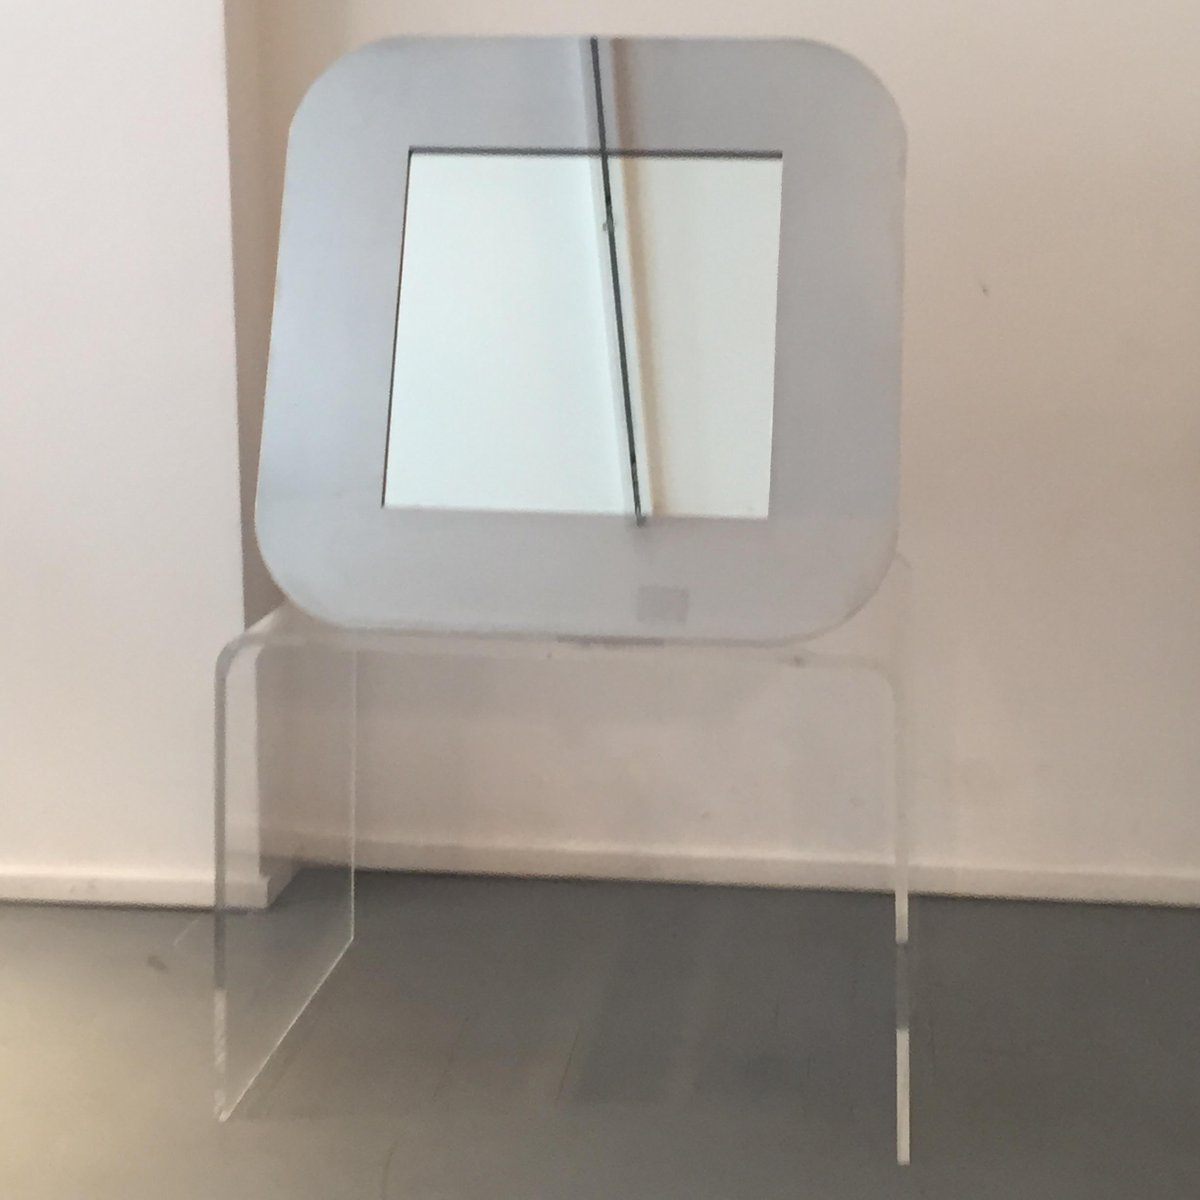 Specchio vintage in acciaio italia anni 39 70 in vendita for Specchio unghia anni 70